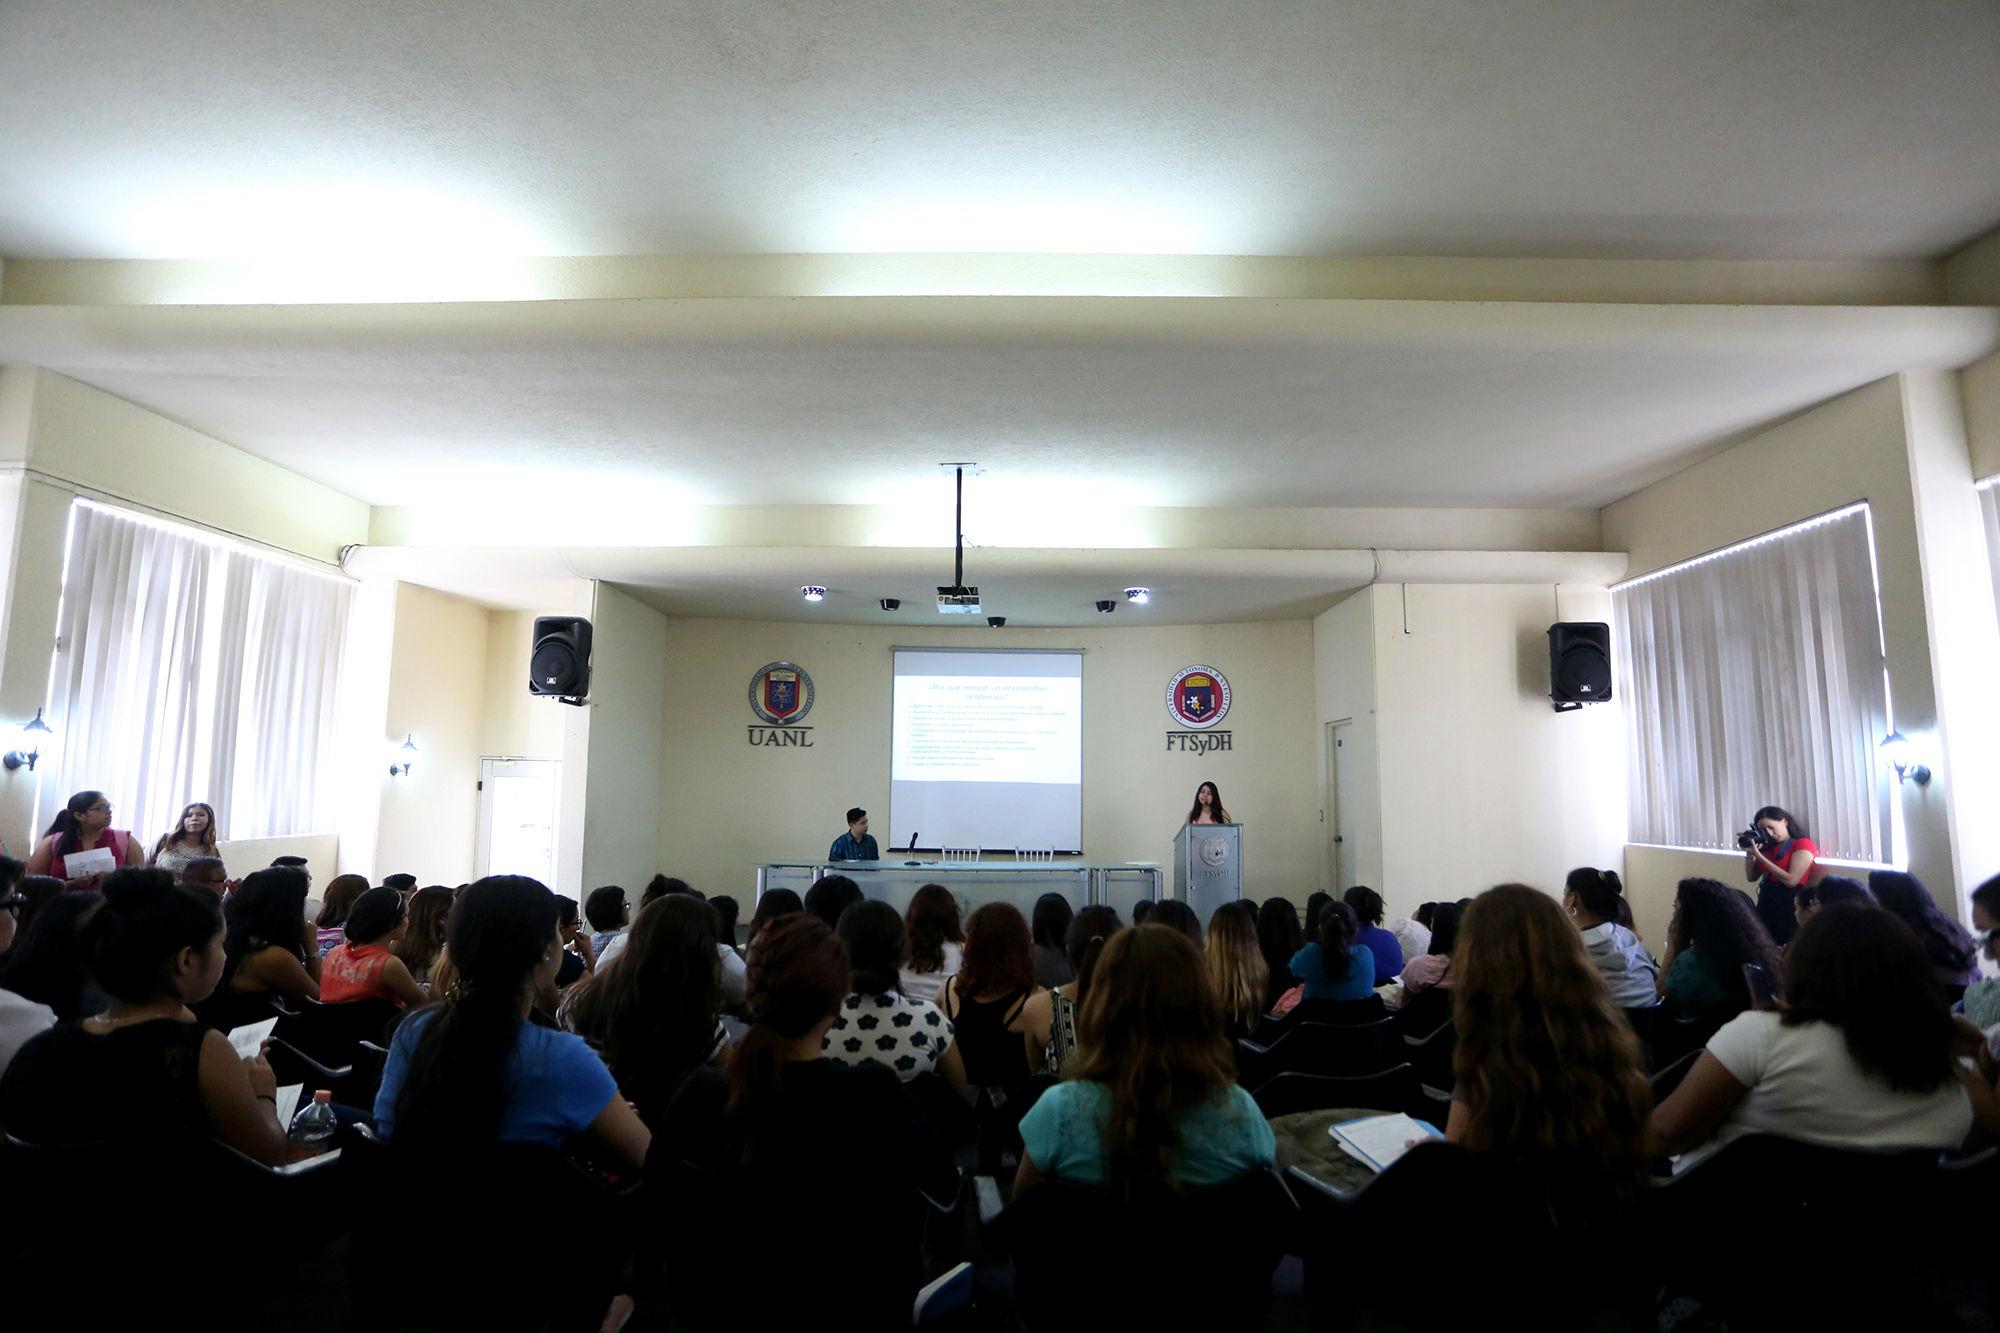 La Facultad de Trabajo Social y Desarrollo Humano tuvo una charla para motivar a sus estudiantes a realizar intercambio académic